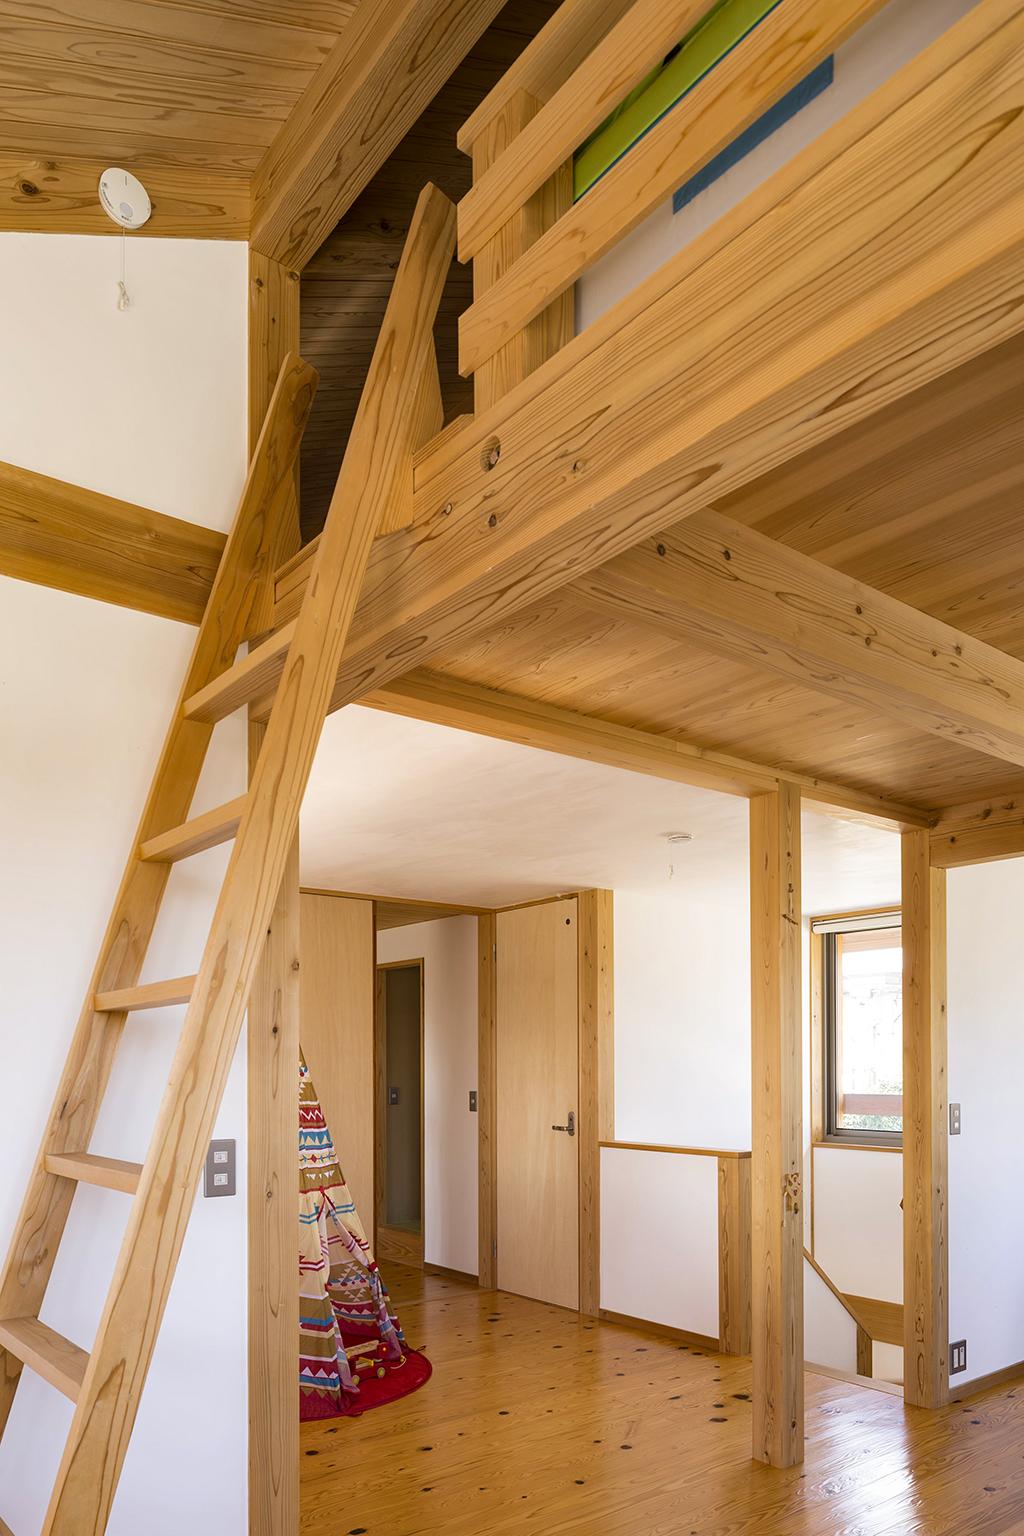 姫路市の木の家 2階子ども部屋とロフトにつながる階段